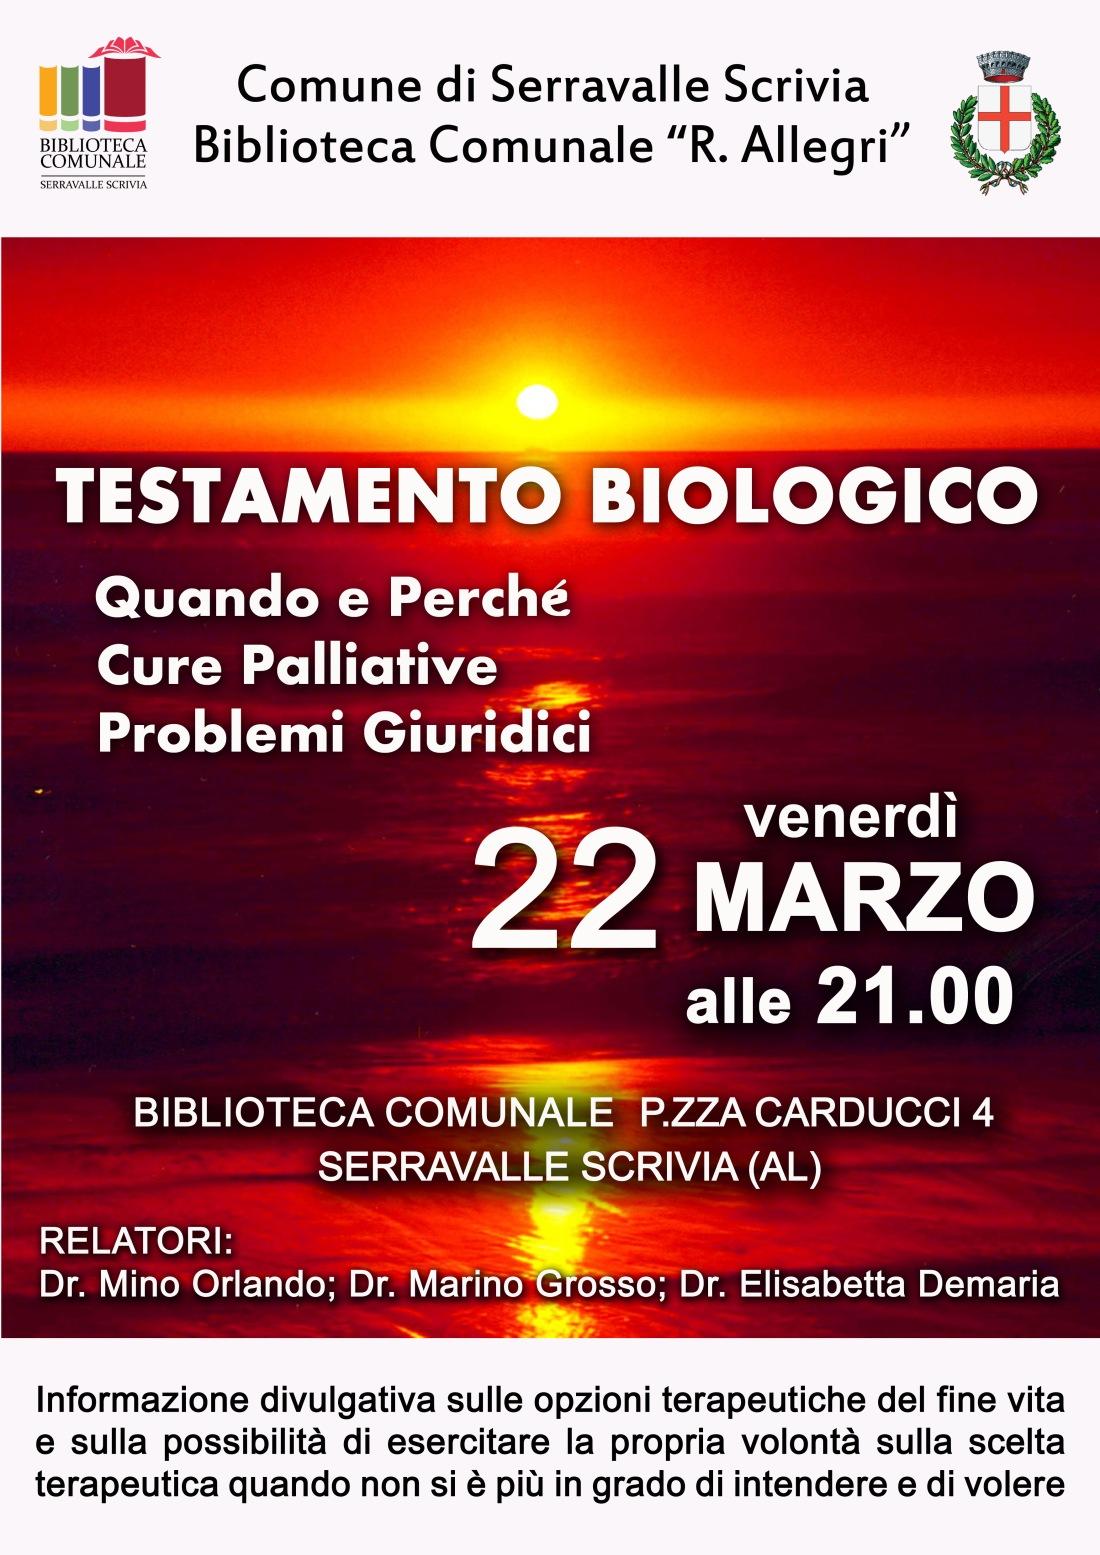 TestamentoBiologico_22marzo 2019